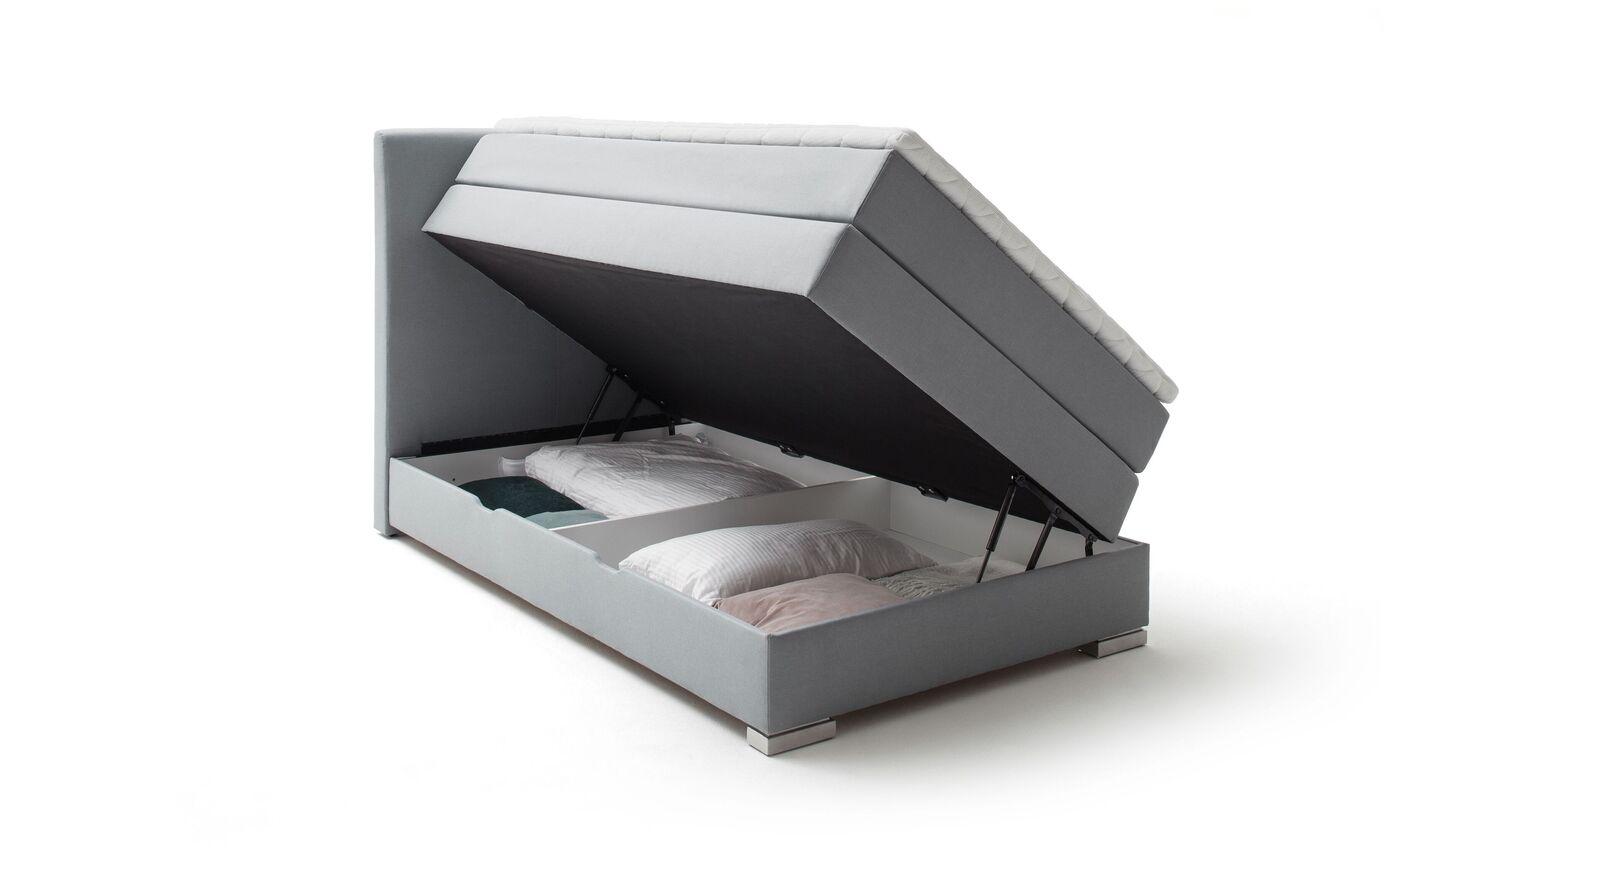 Bettkasten-Boxspringbett Ivetta mit integriertem Stauraum